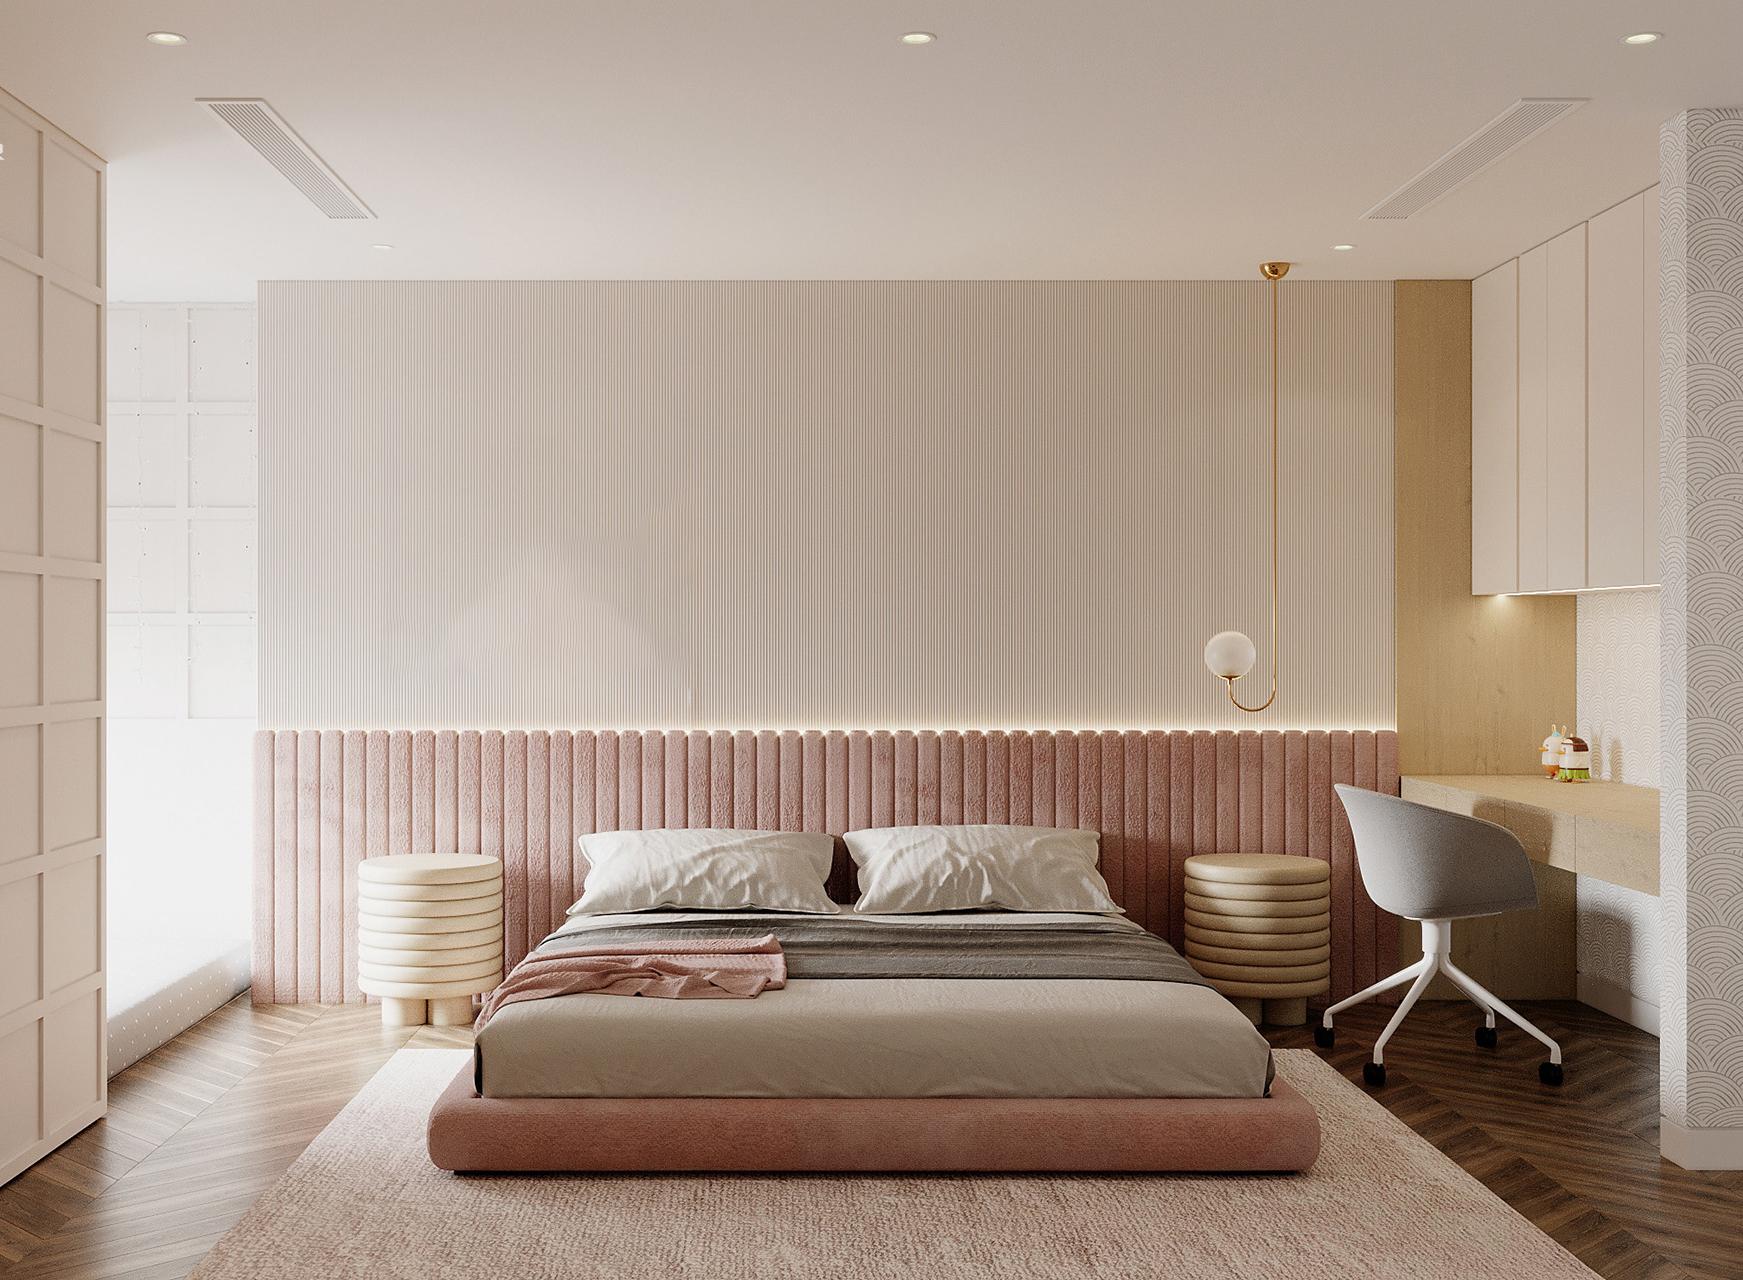 Tư vấn thiết kế nhà cấp 4 diện tích 60m² theo phong cách tối giản chi phí chỉ 150 triệu - Ảnh 8.